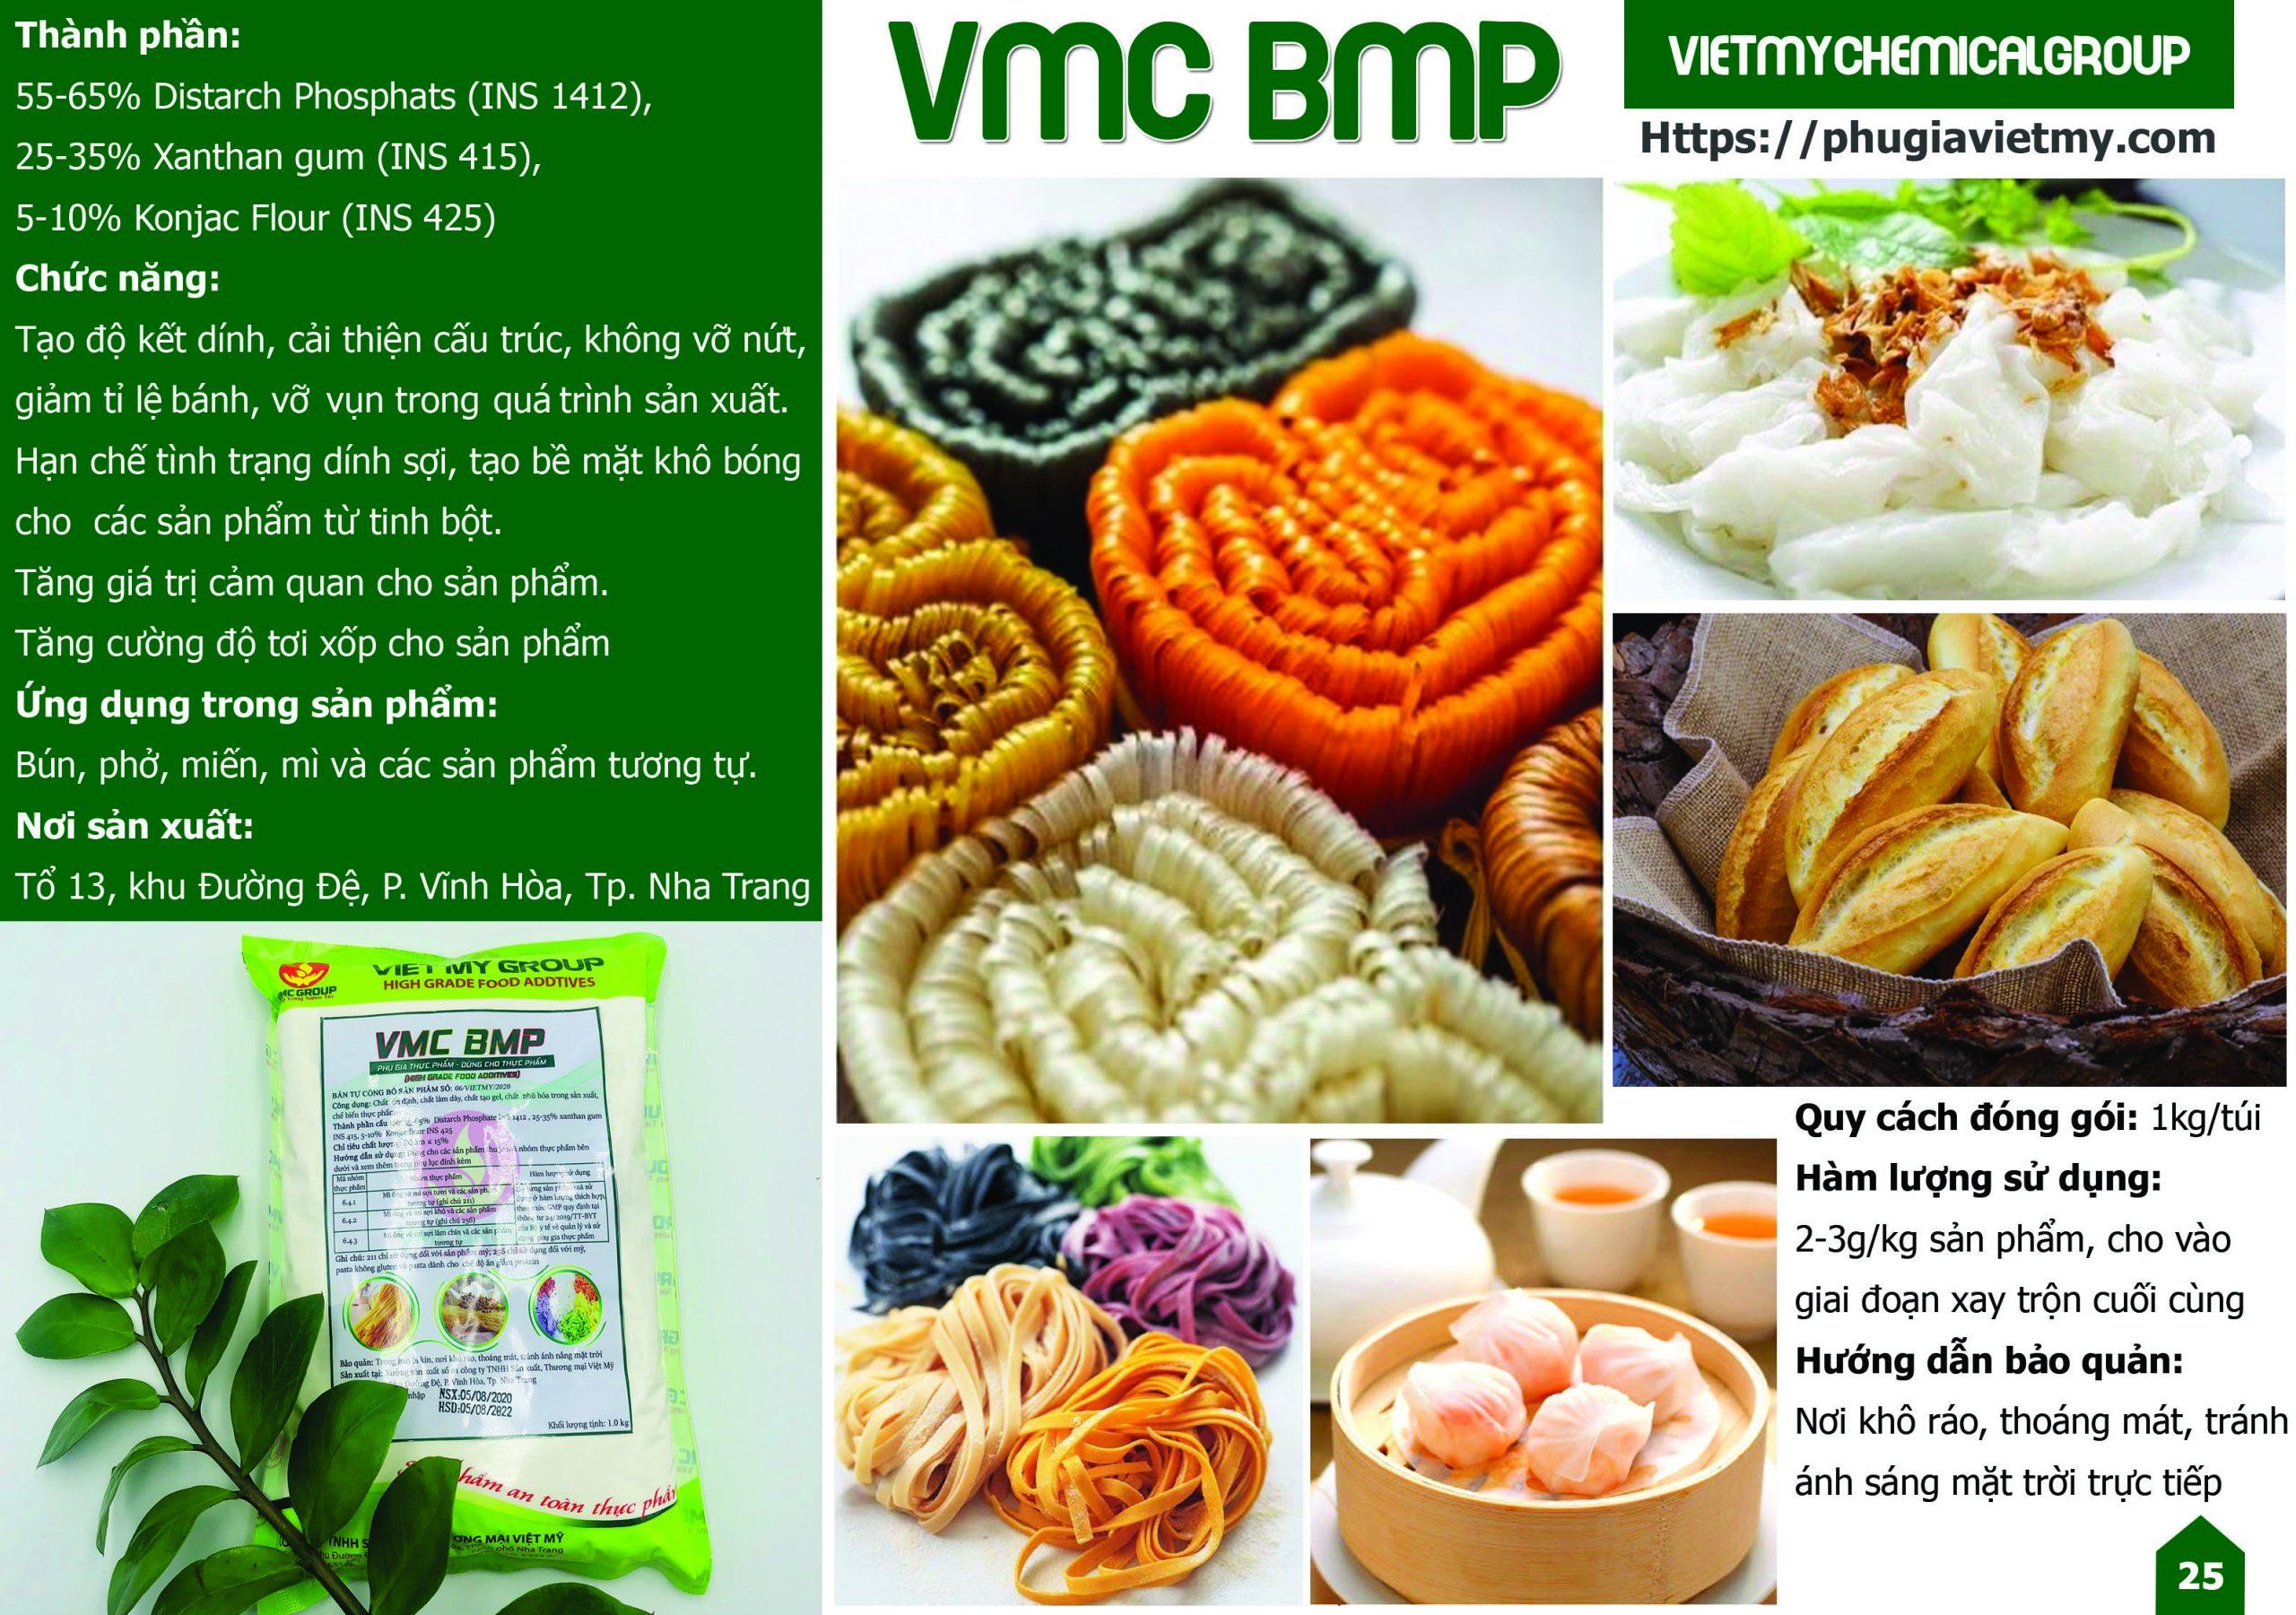 Bạn đang quan tâm đến các sản phẩm phụ gia dùng cho bún, mì phở và các loại bánh làm từ tinh bột. Liệu chúng có ảnh hưởng gì đến sức khỏe của người tiêu dùng?